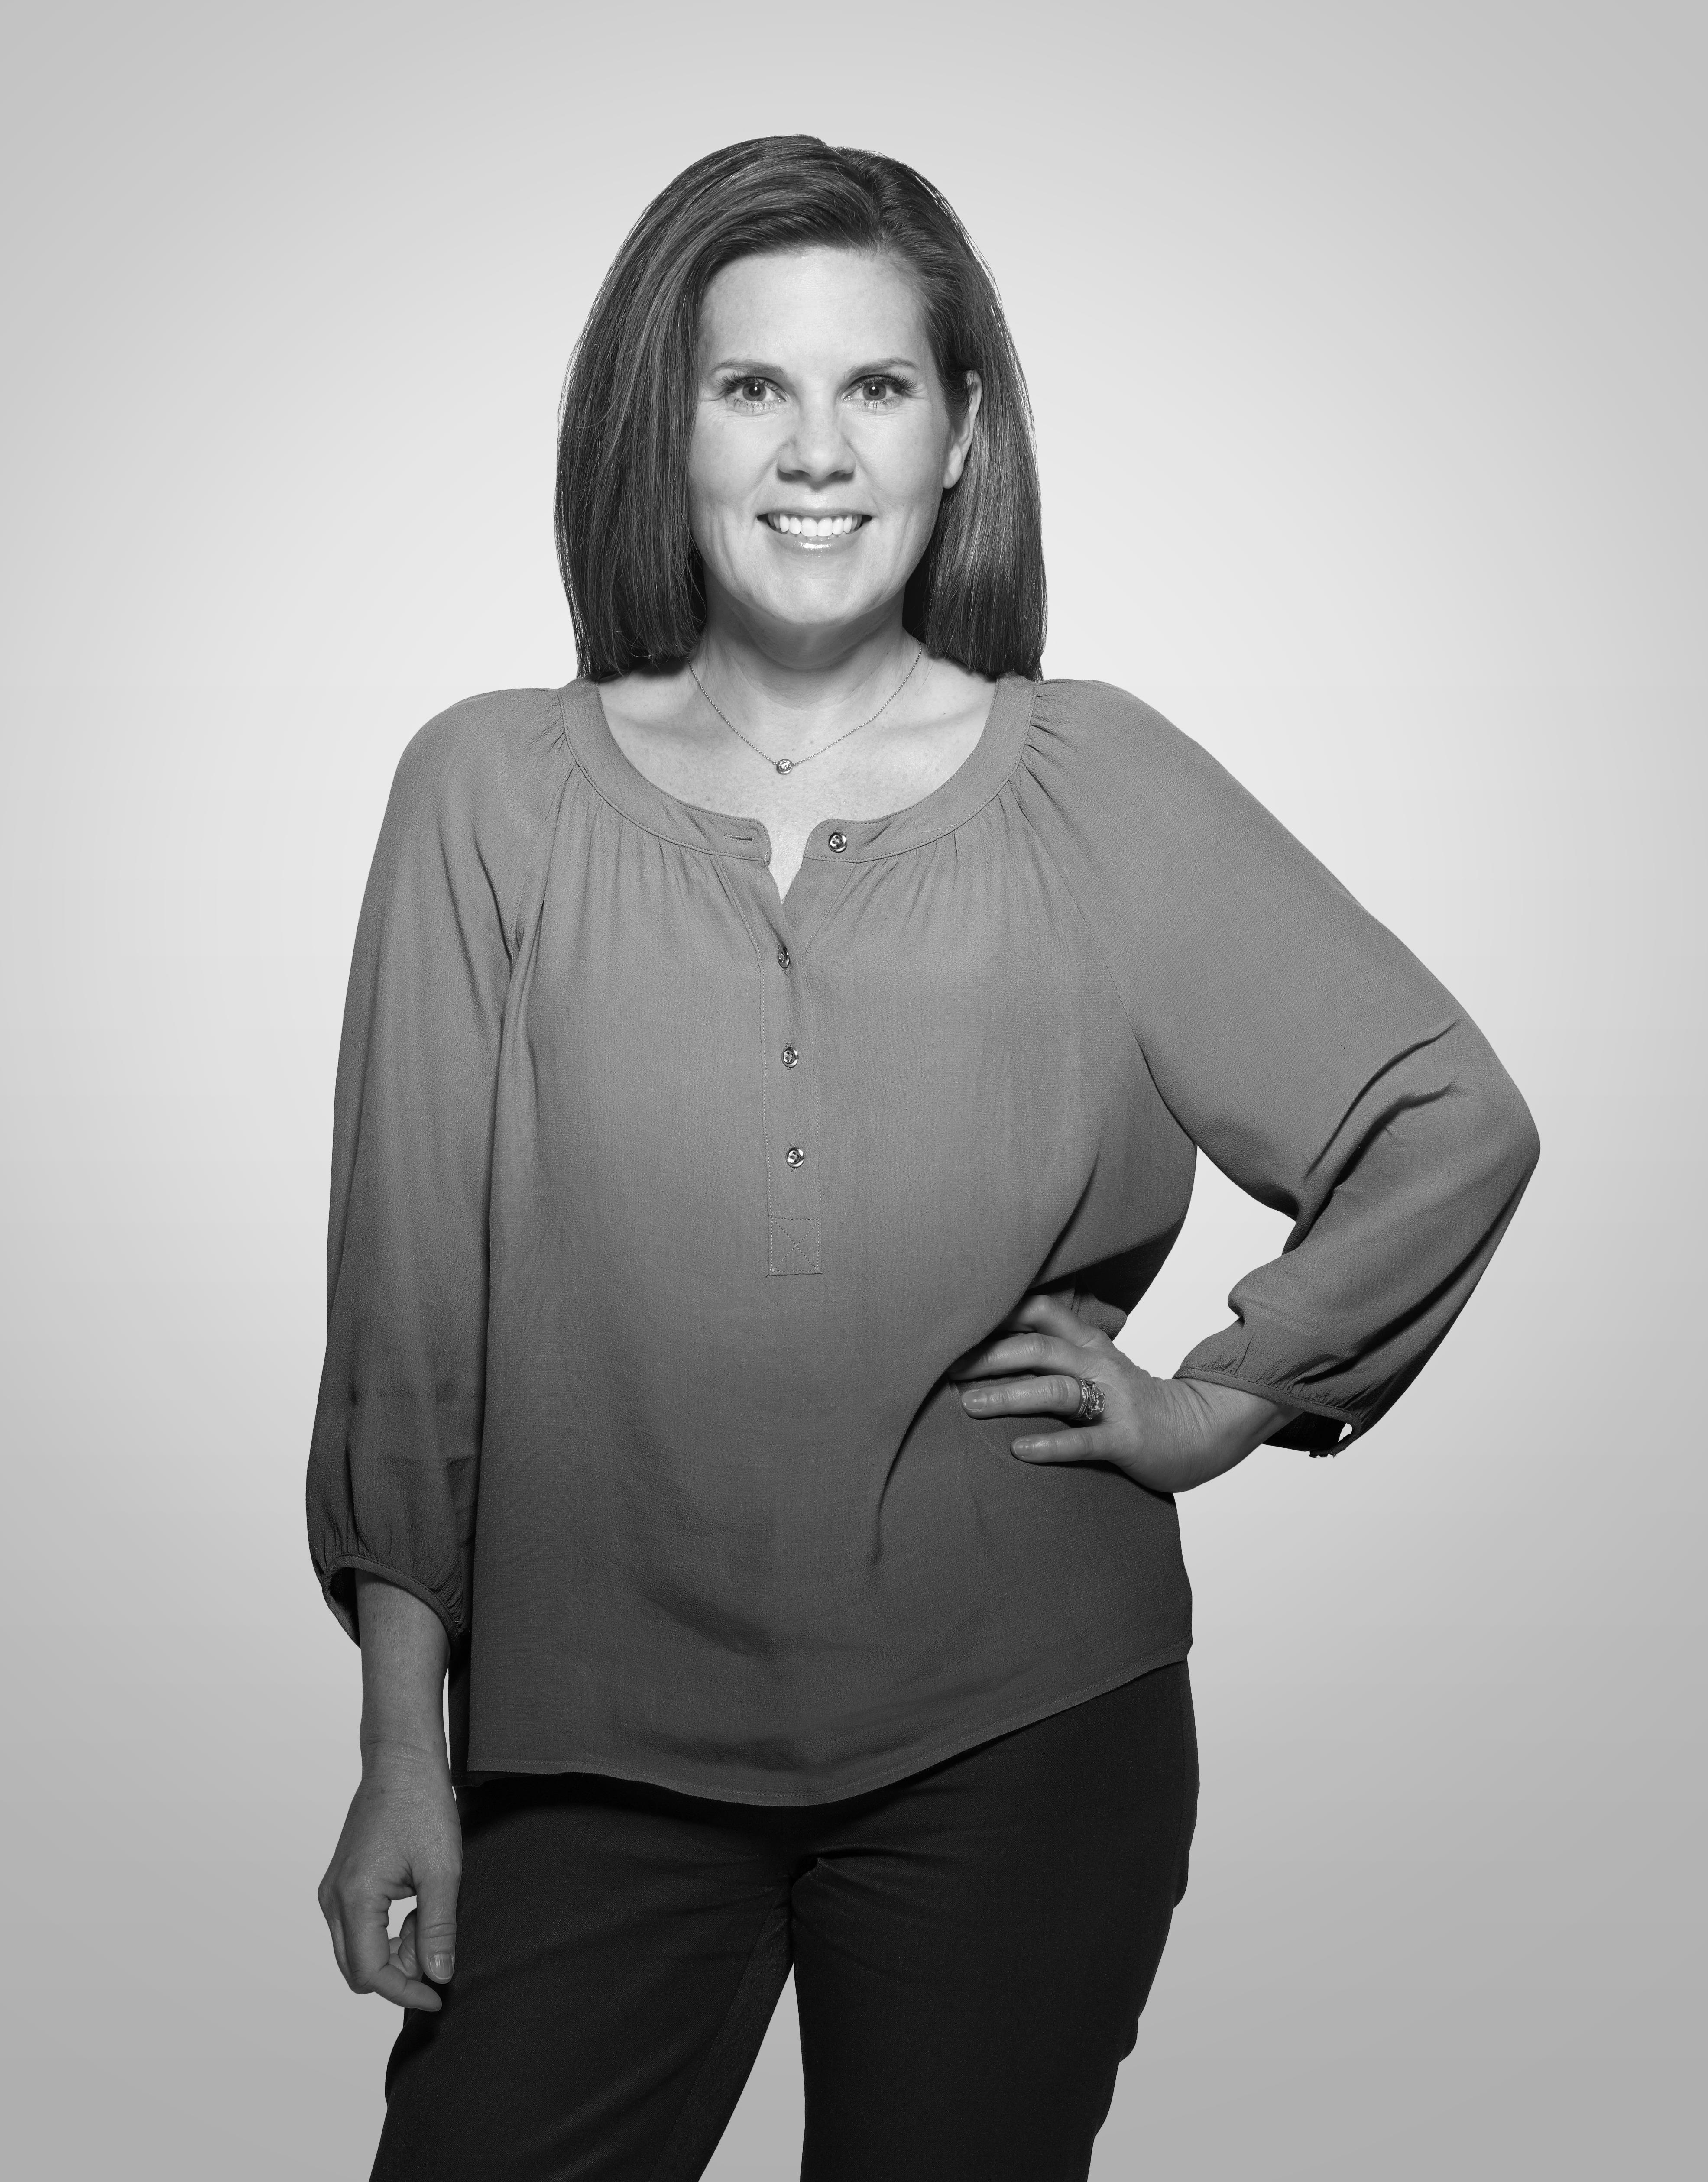 Pam Morrisroe